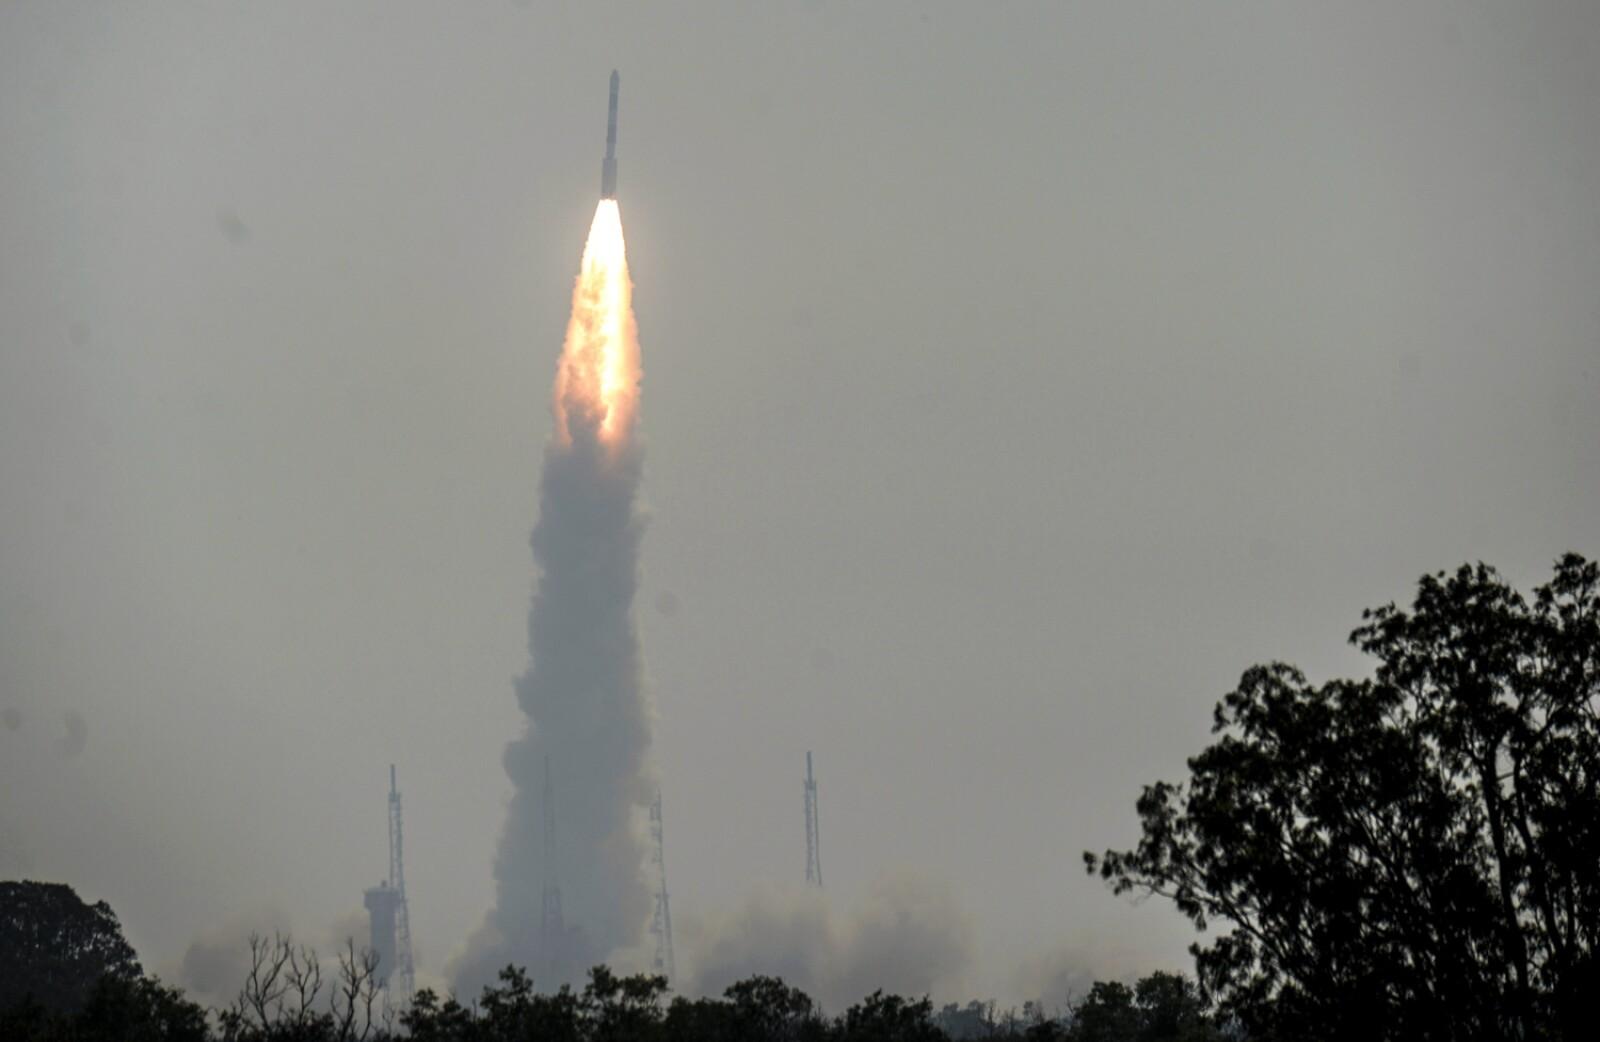 INDIA-SPACE-SATELLITE